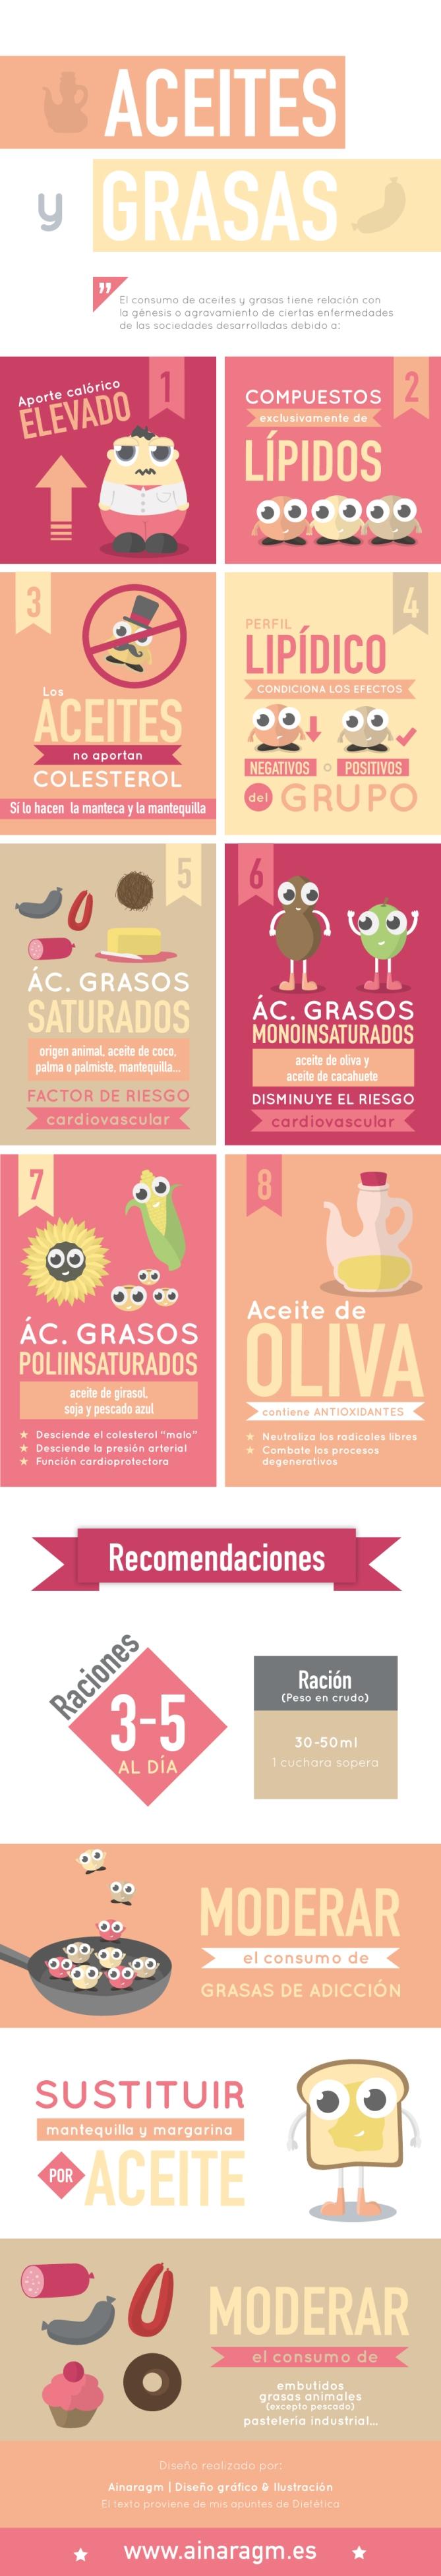 info_aceites_grasas